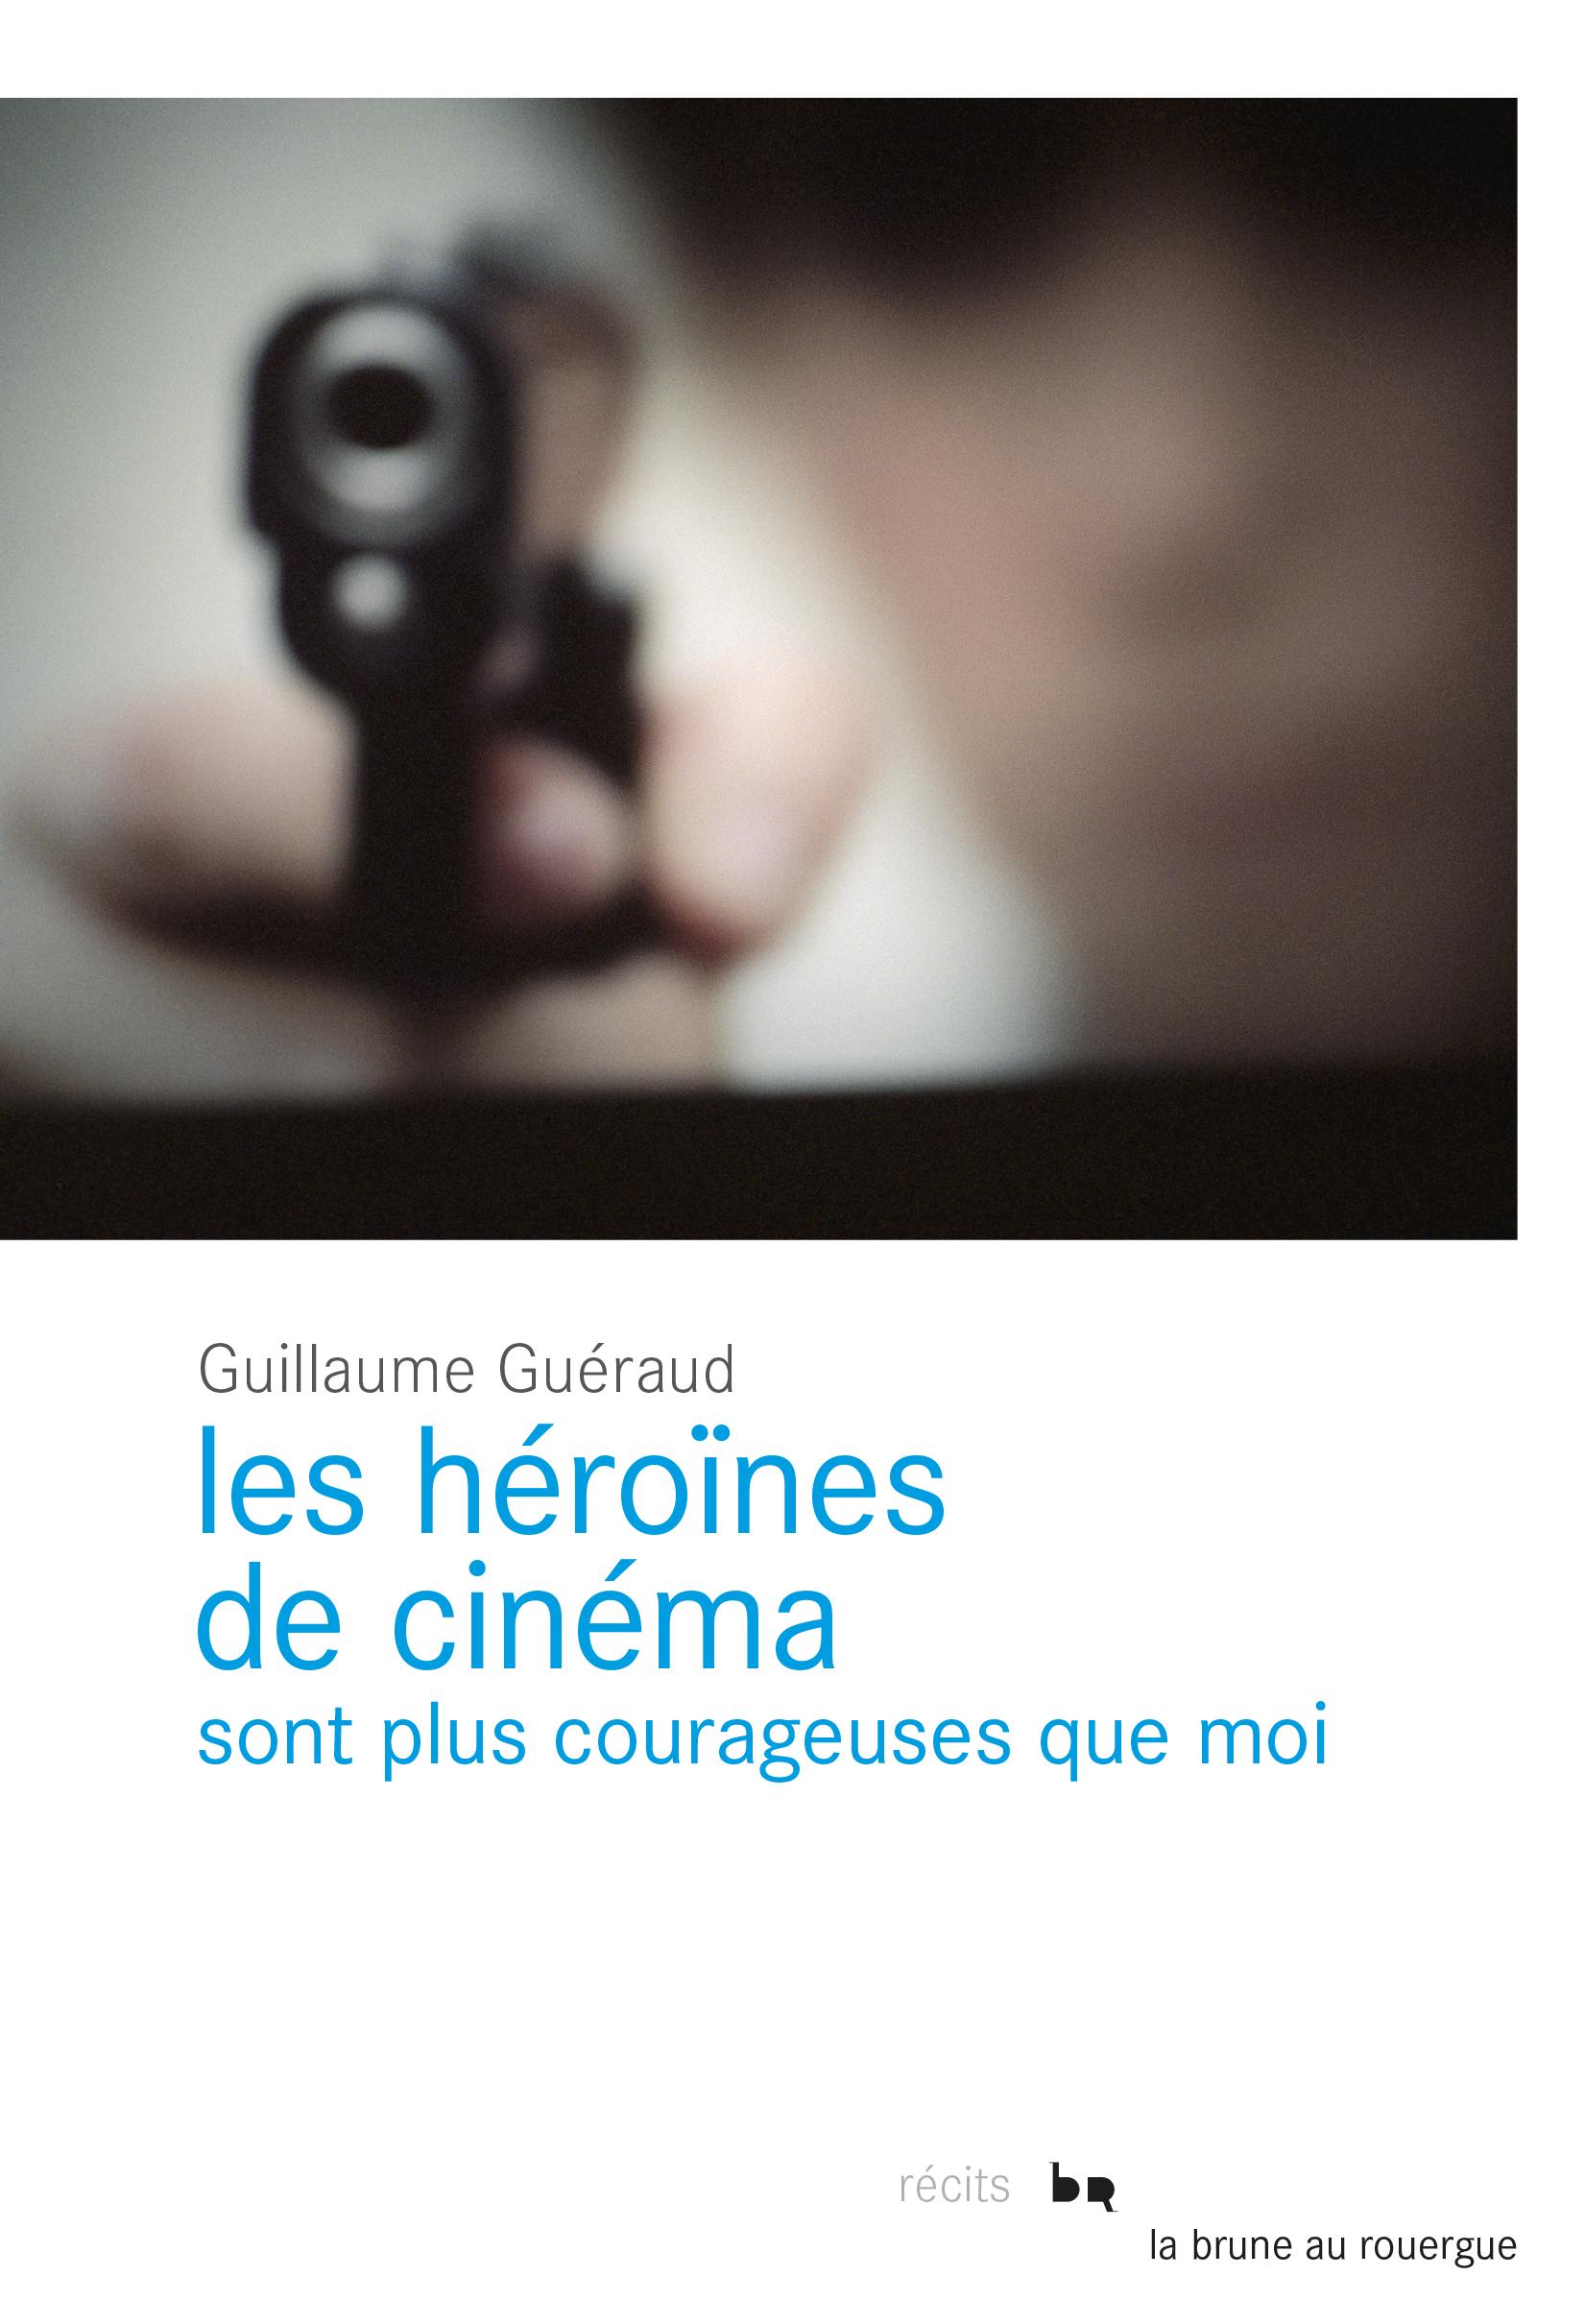 Les héroïnes de cinéma sont plus courageuses que moi